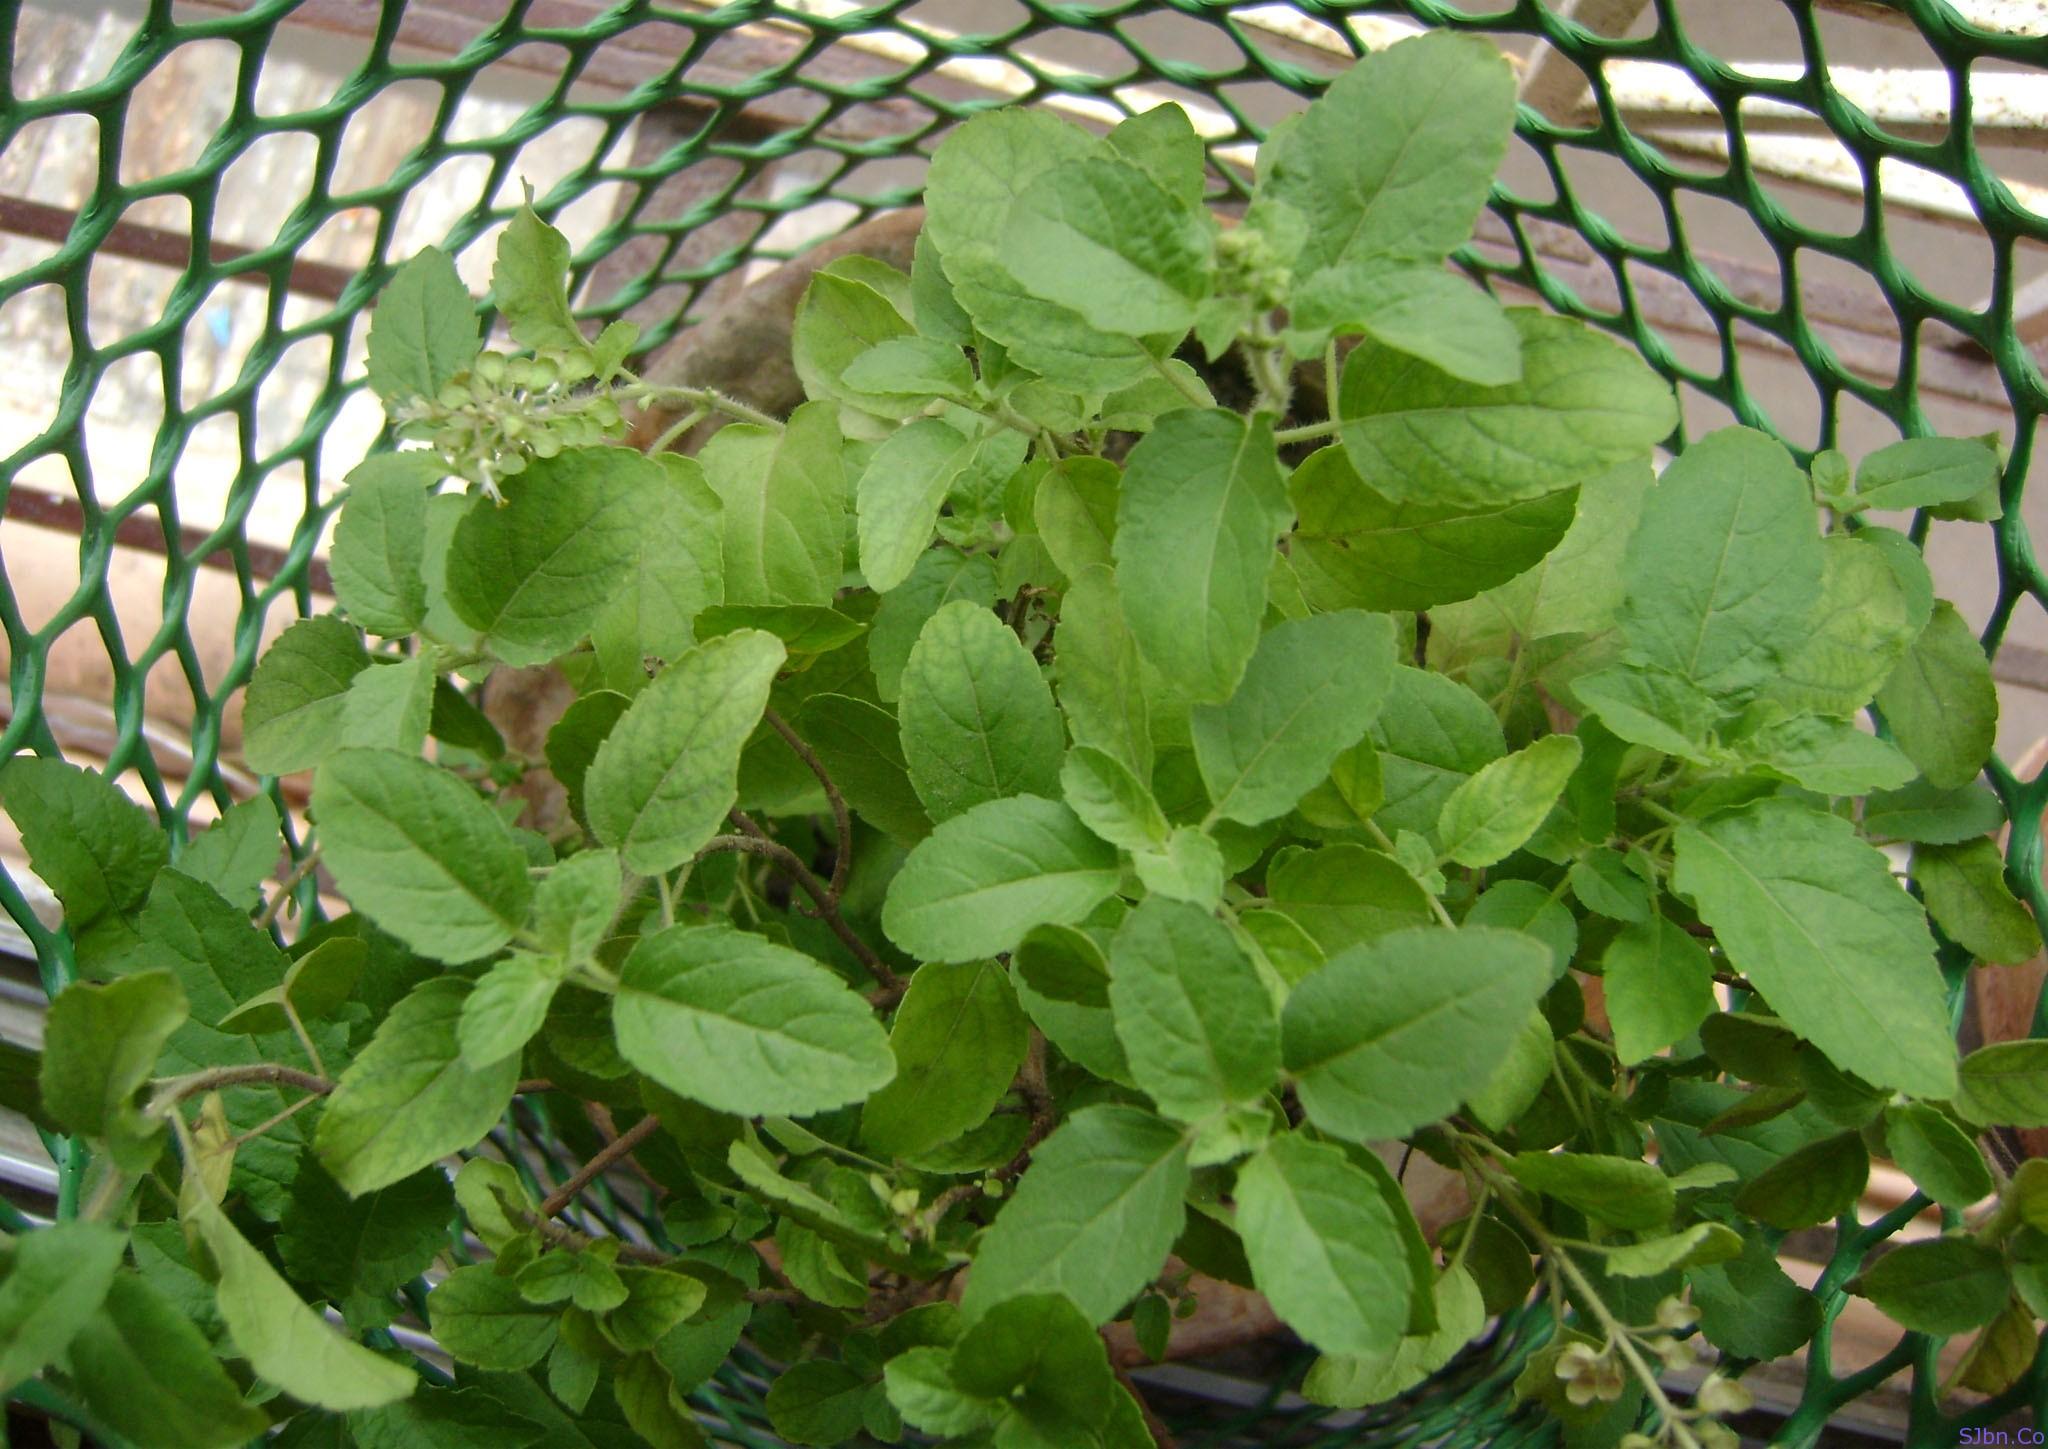 Tulsi (Ocimum Tenuiflorum)